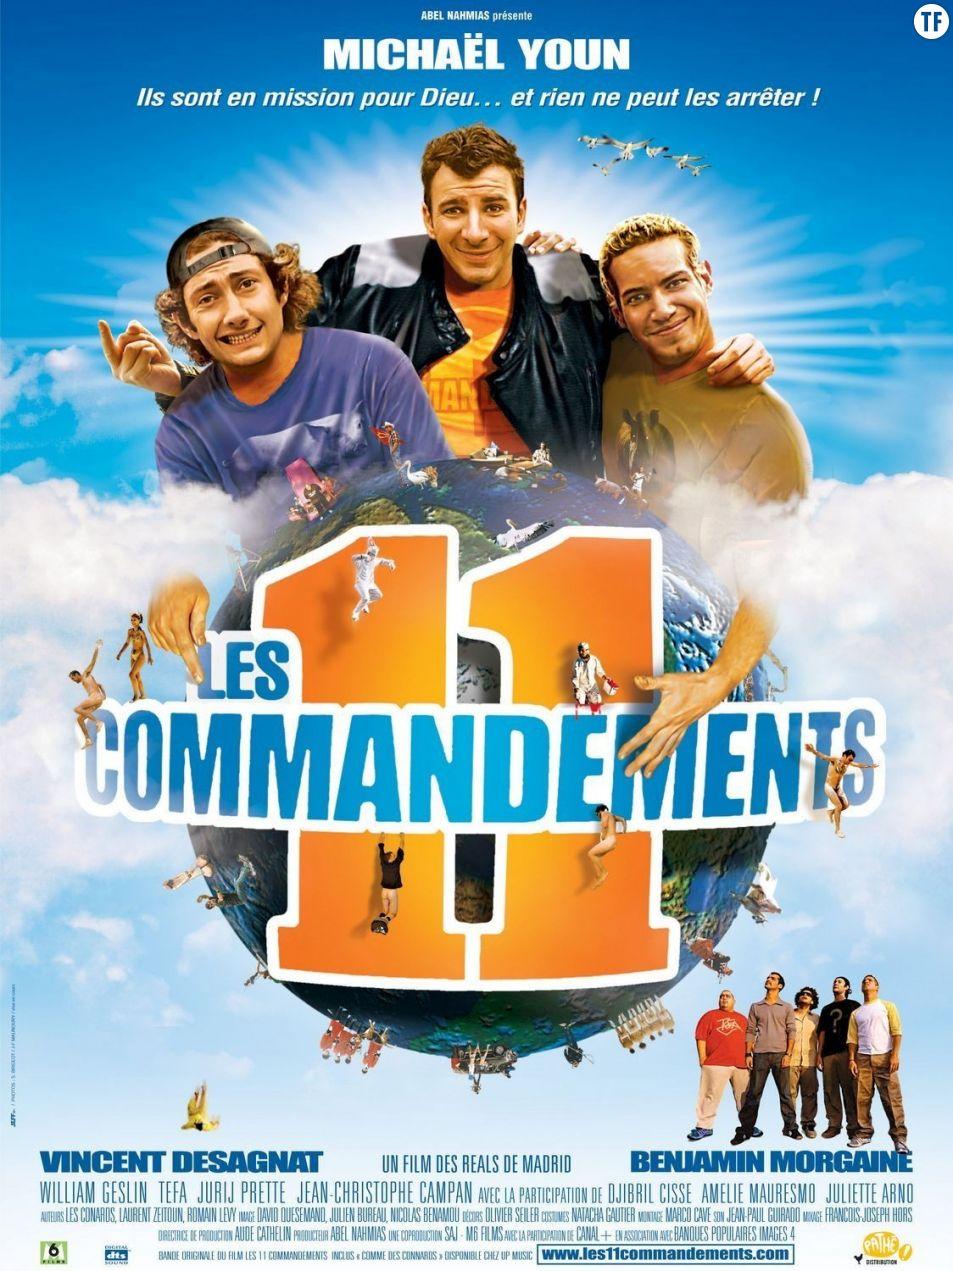 Retrouvez Les 11 Commandements, ce soir sur W9